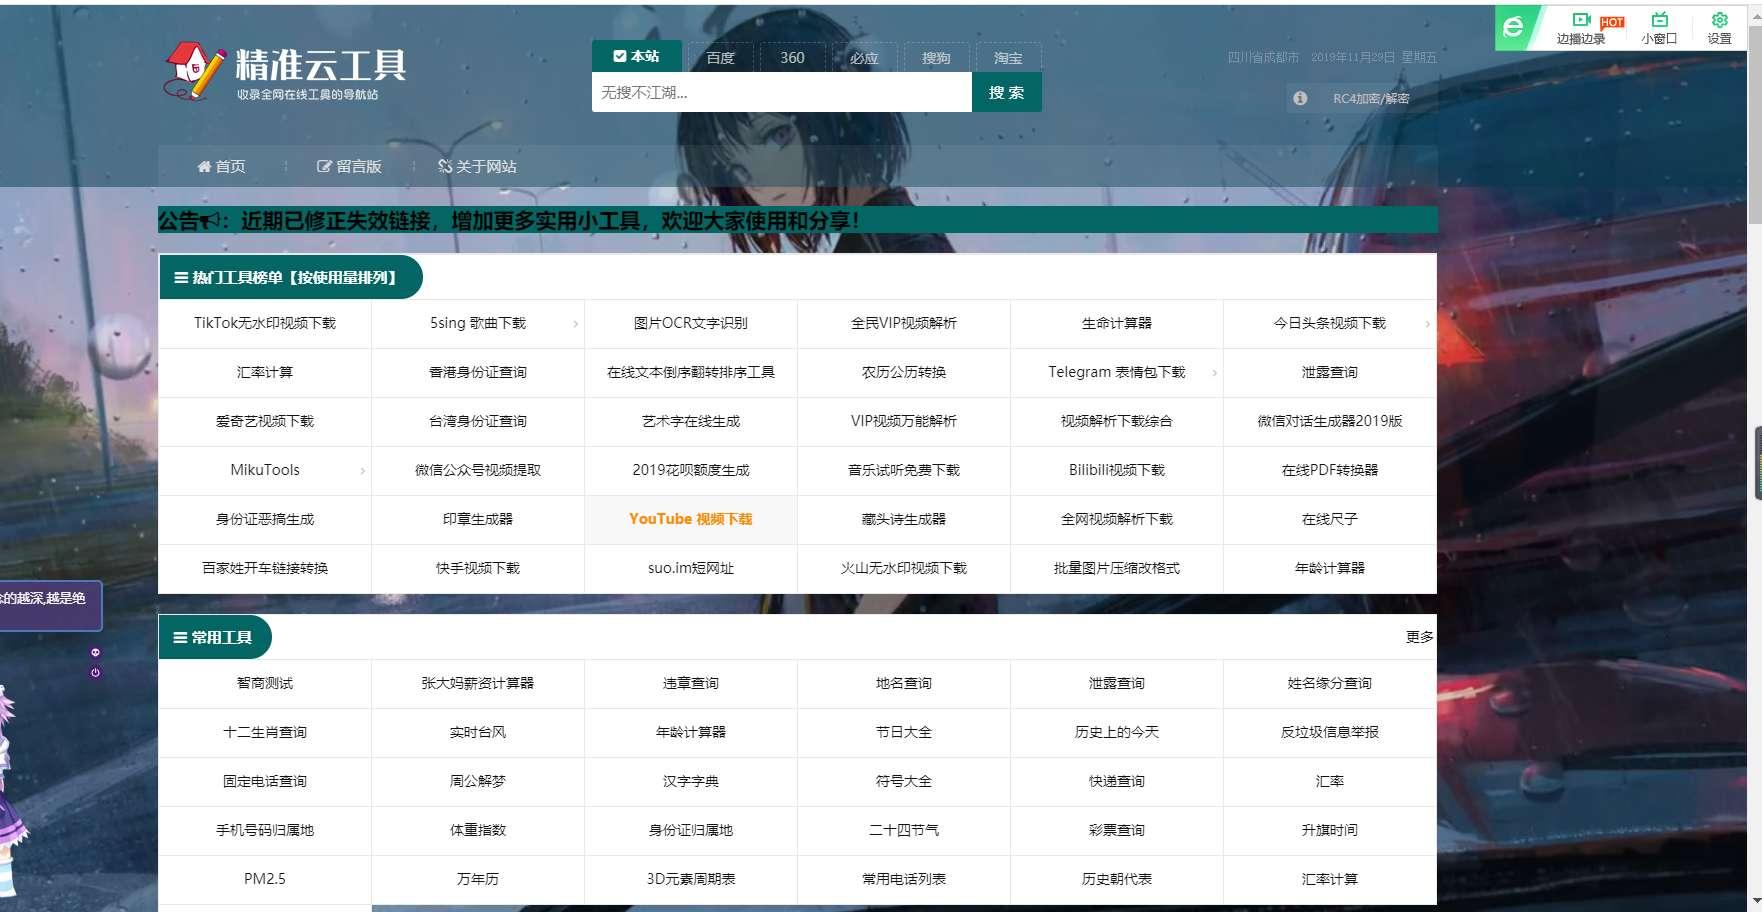 【分享】精准云工具全网工具集合-爱小助